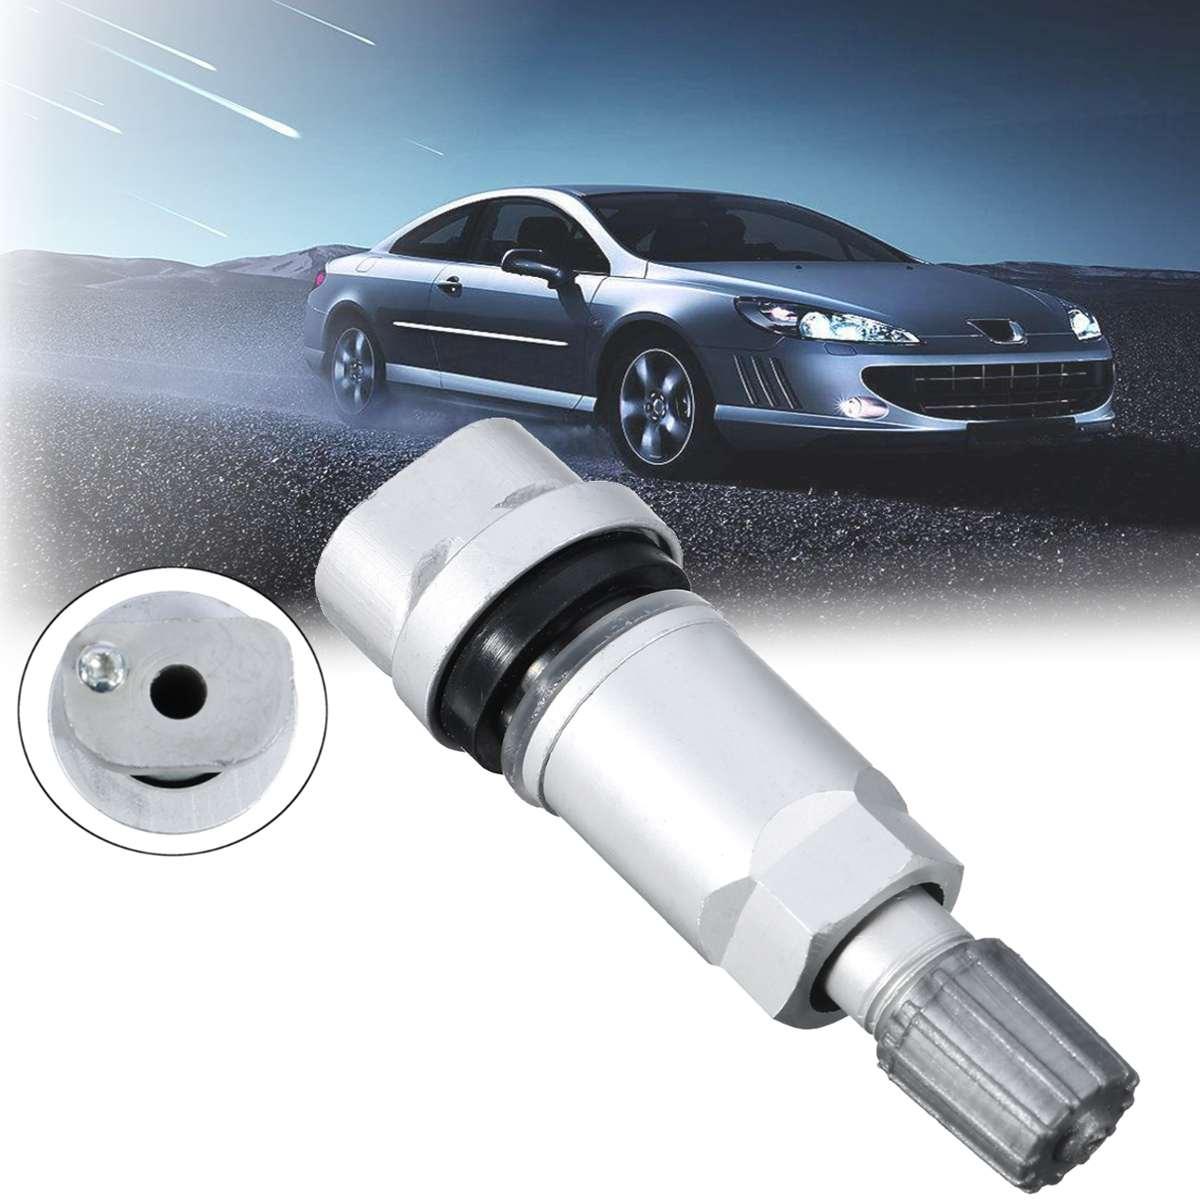 TPMS, Kit de reparación de válvula con Sensor de presión de neumáticos para Peugeot 407 607 807 /Citroen C4 C5